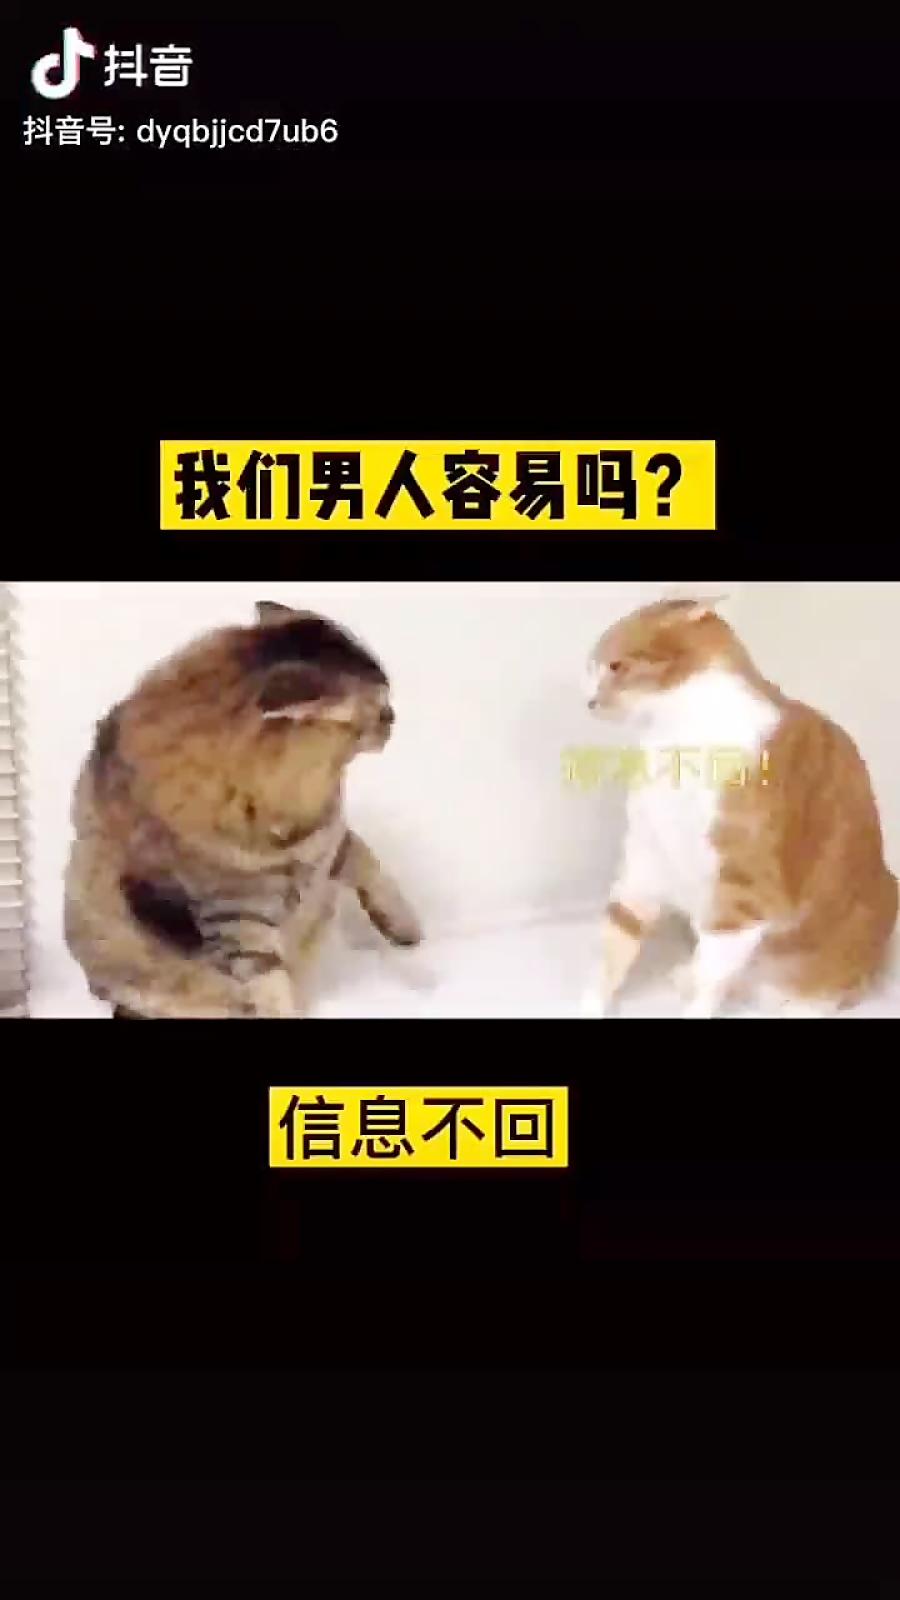 دعوای دو گربه